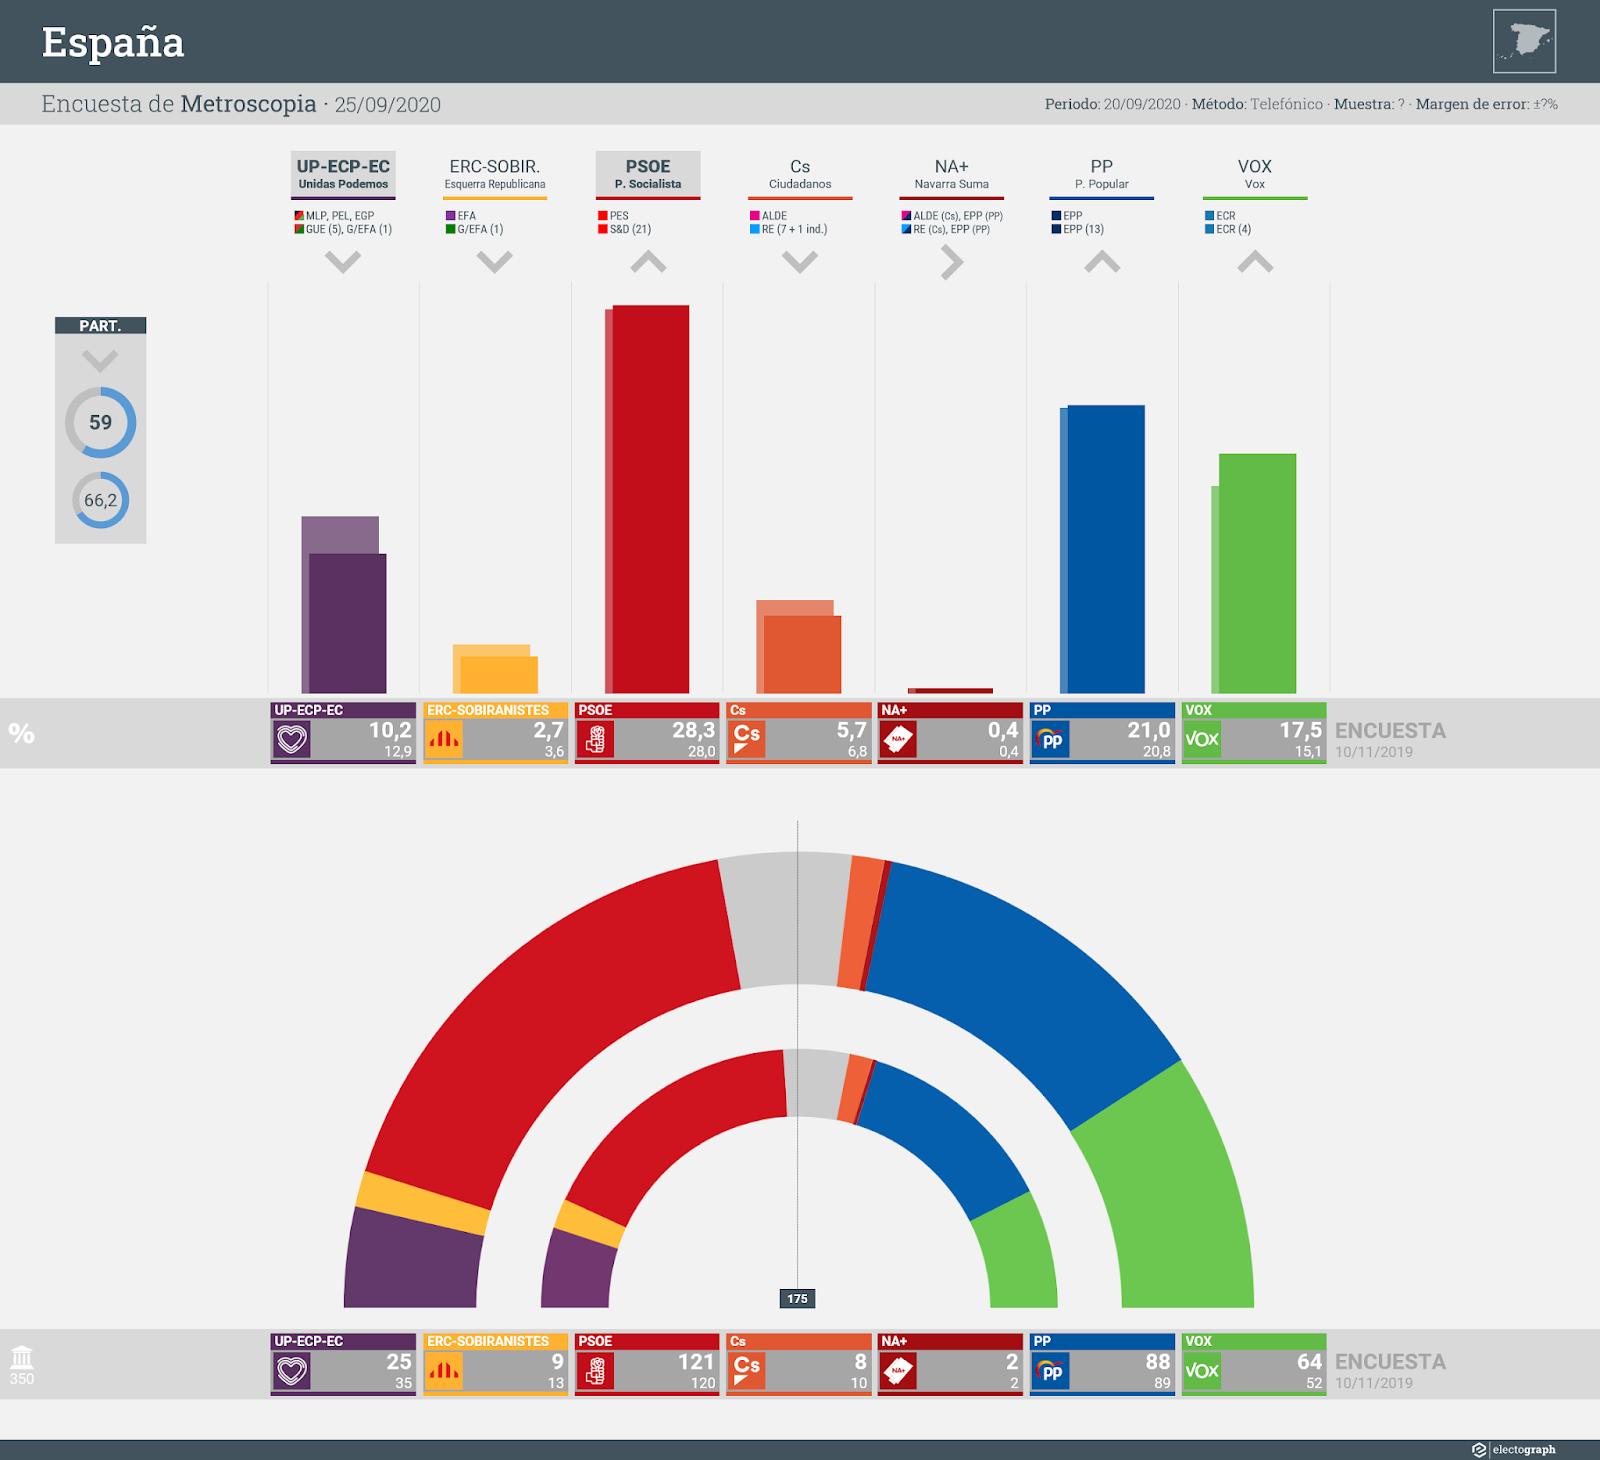 Gráfico de la encuesta para elecciones generales en España realizada por Metroscopia, 25 de septiembre de 2020